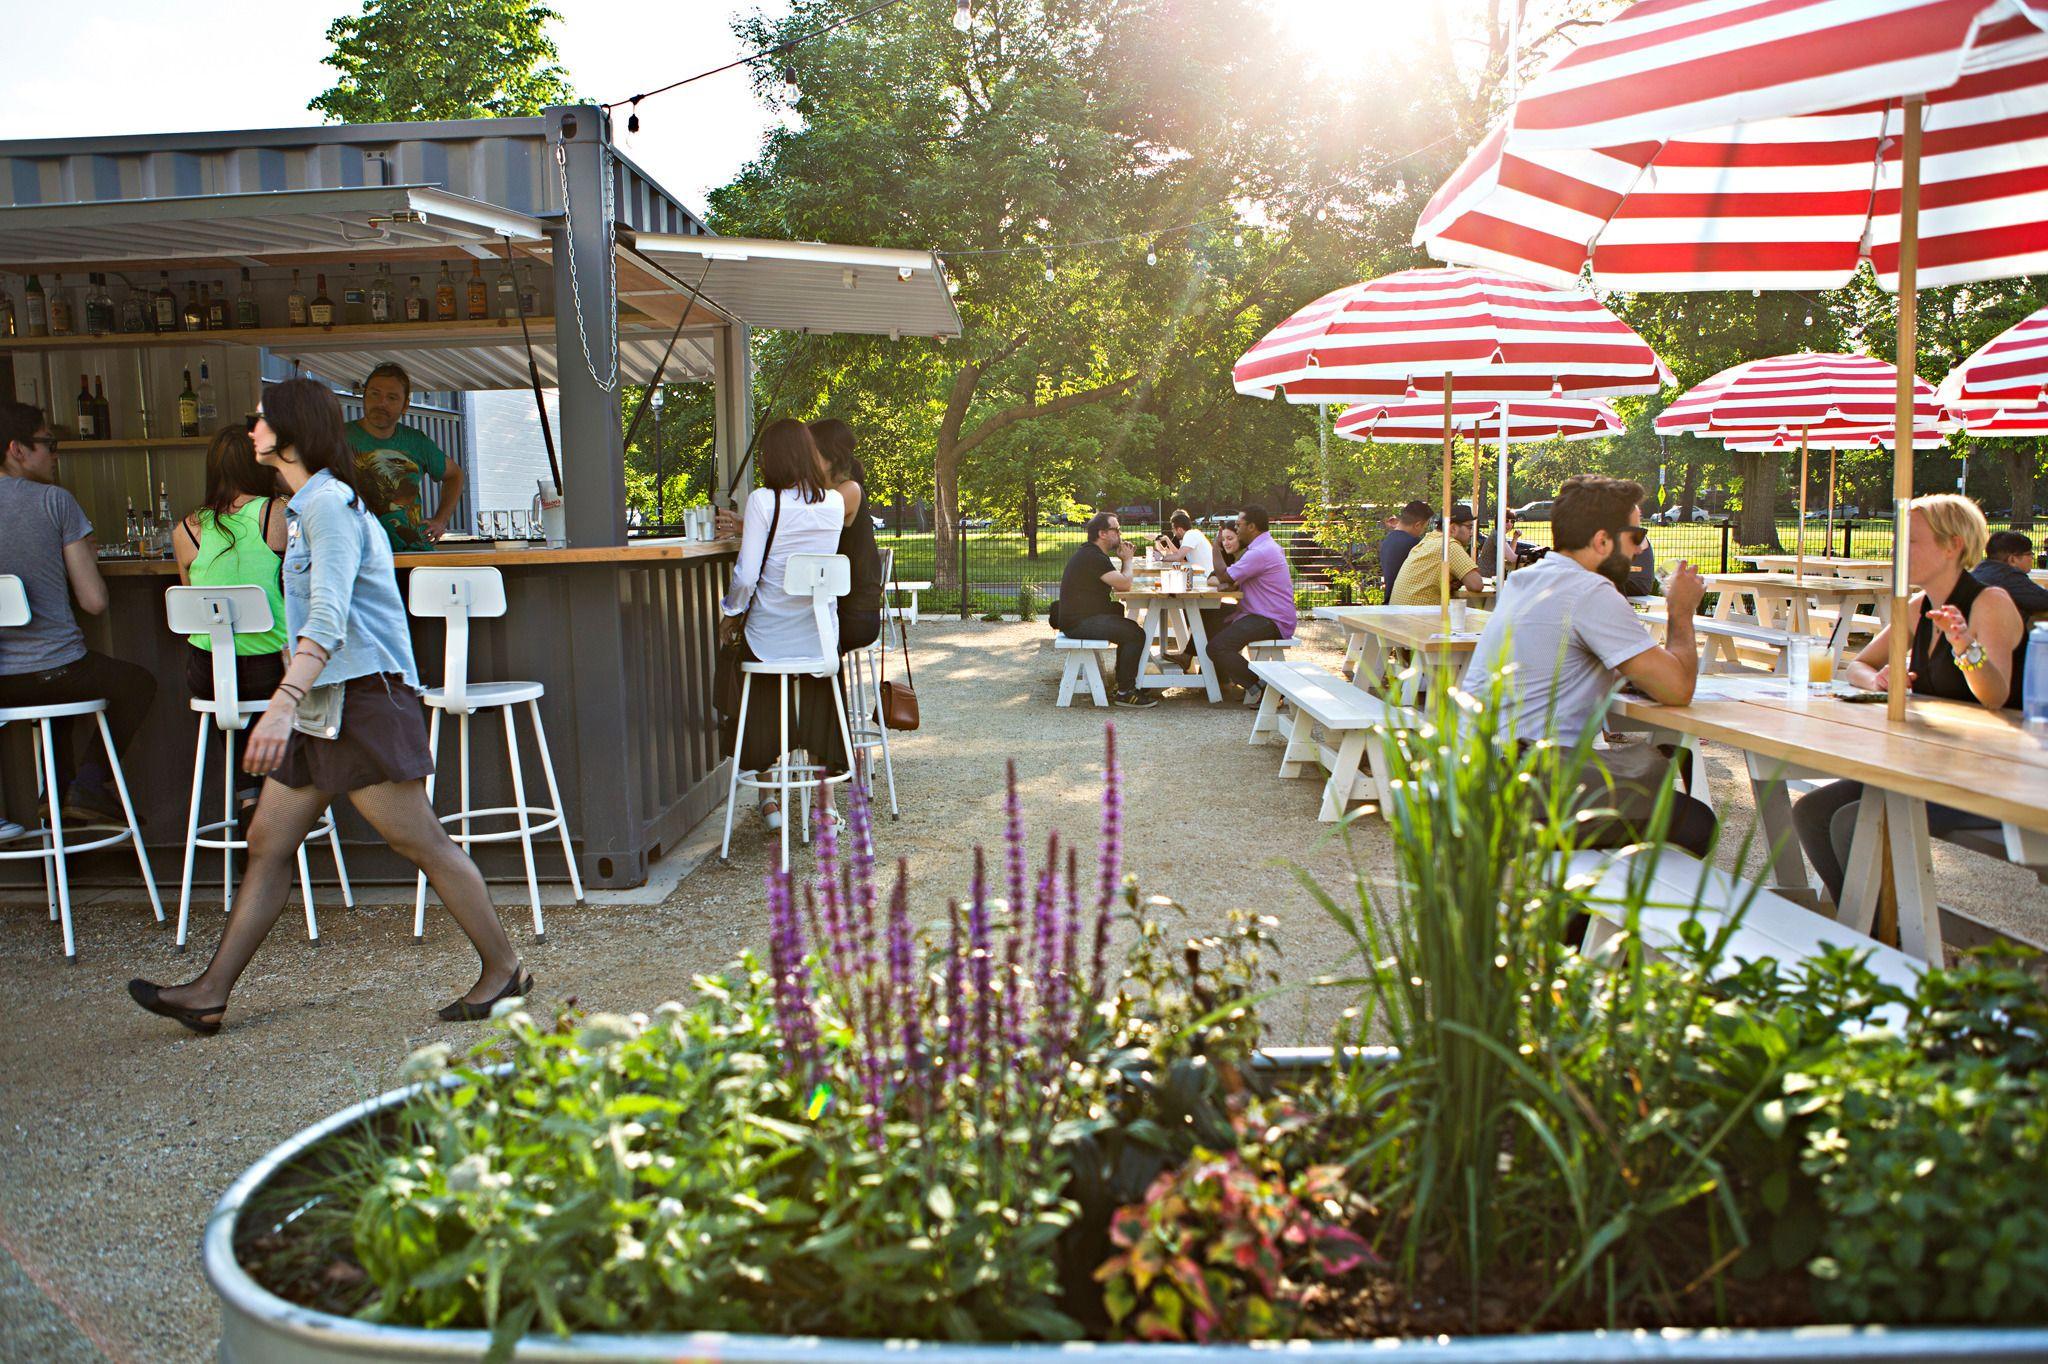 The Best Rooftops Patios And Beer Gardens In Chicago Restaurant Patio Outdoor Restaurant Chicago Restaurants